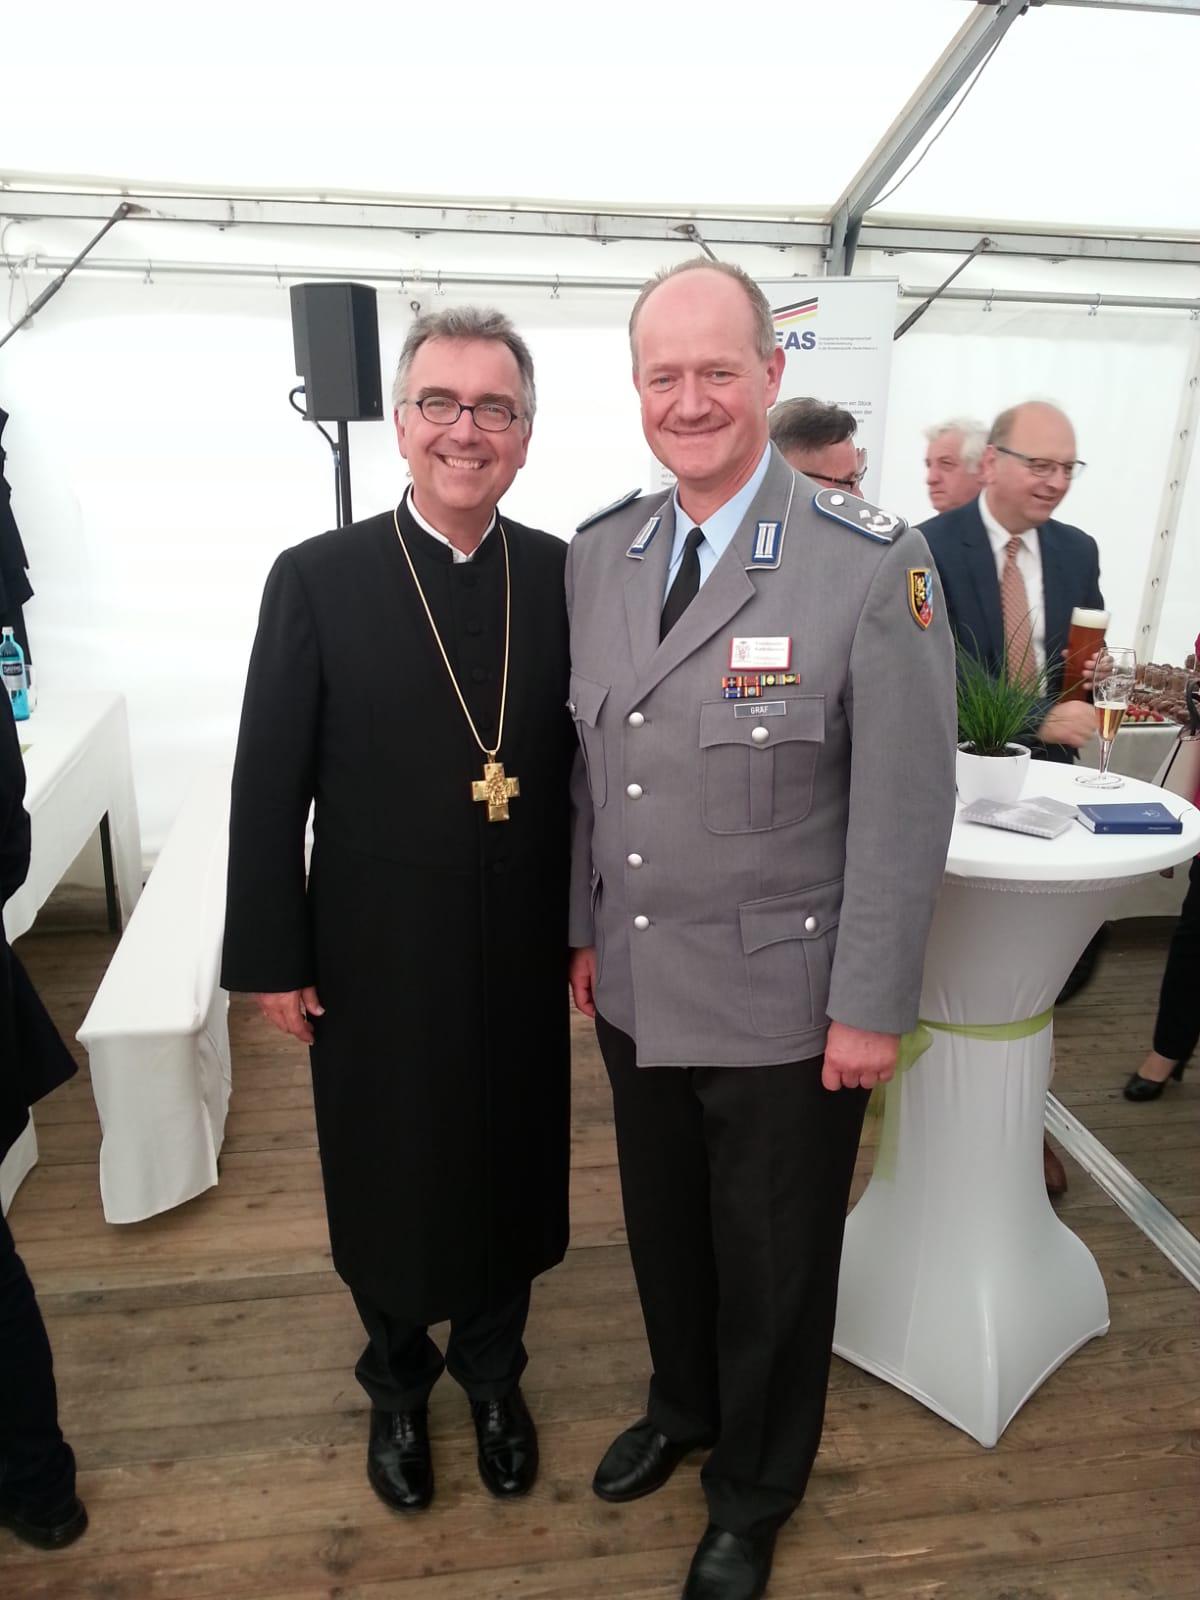 Oberstleutnant Gereon Gräf mit dem evangelischen Militärbischof für die deutsche Bundeswehr Herrn Dr. Rink. (Foto: Gereon Gräf)